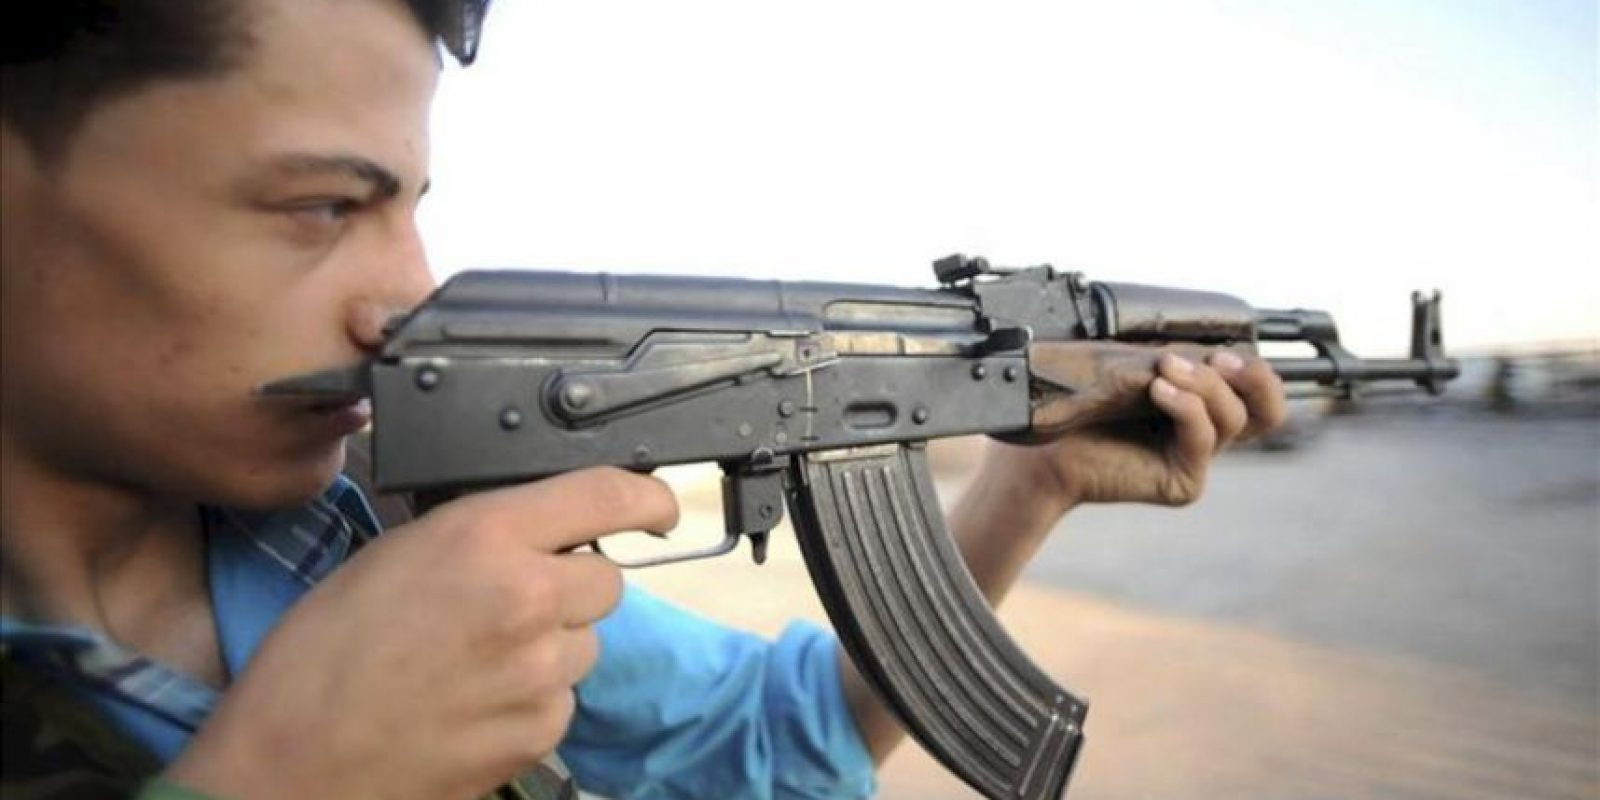 Un rebelde sirio hace pruebas con un arma en la base militar de Tecvid Sicco, al norte de la ciudad siria de Aleppo, ayer martes, 24 de julio. EFE